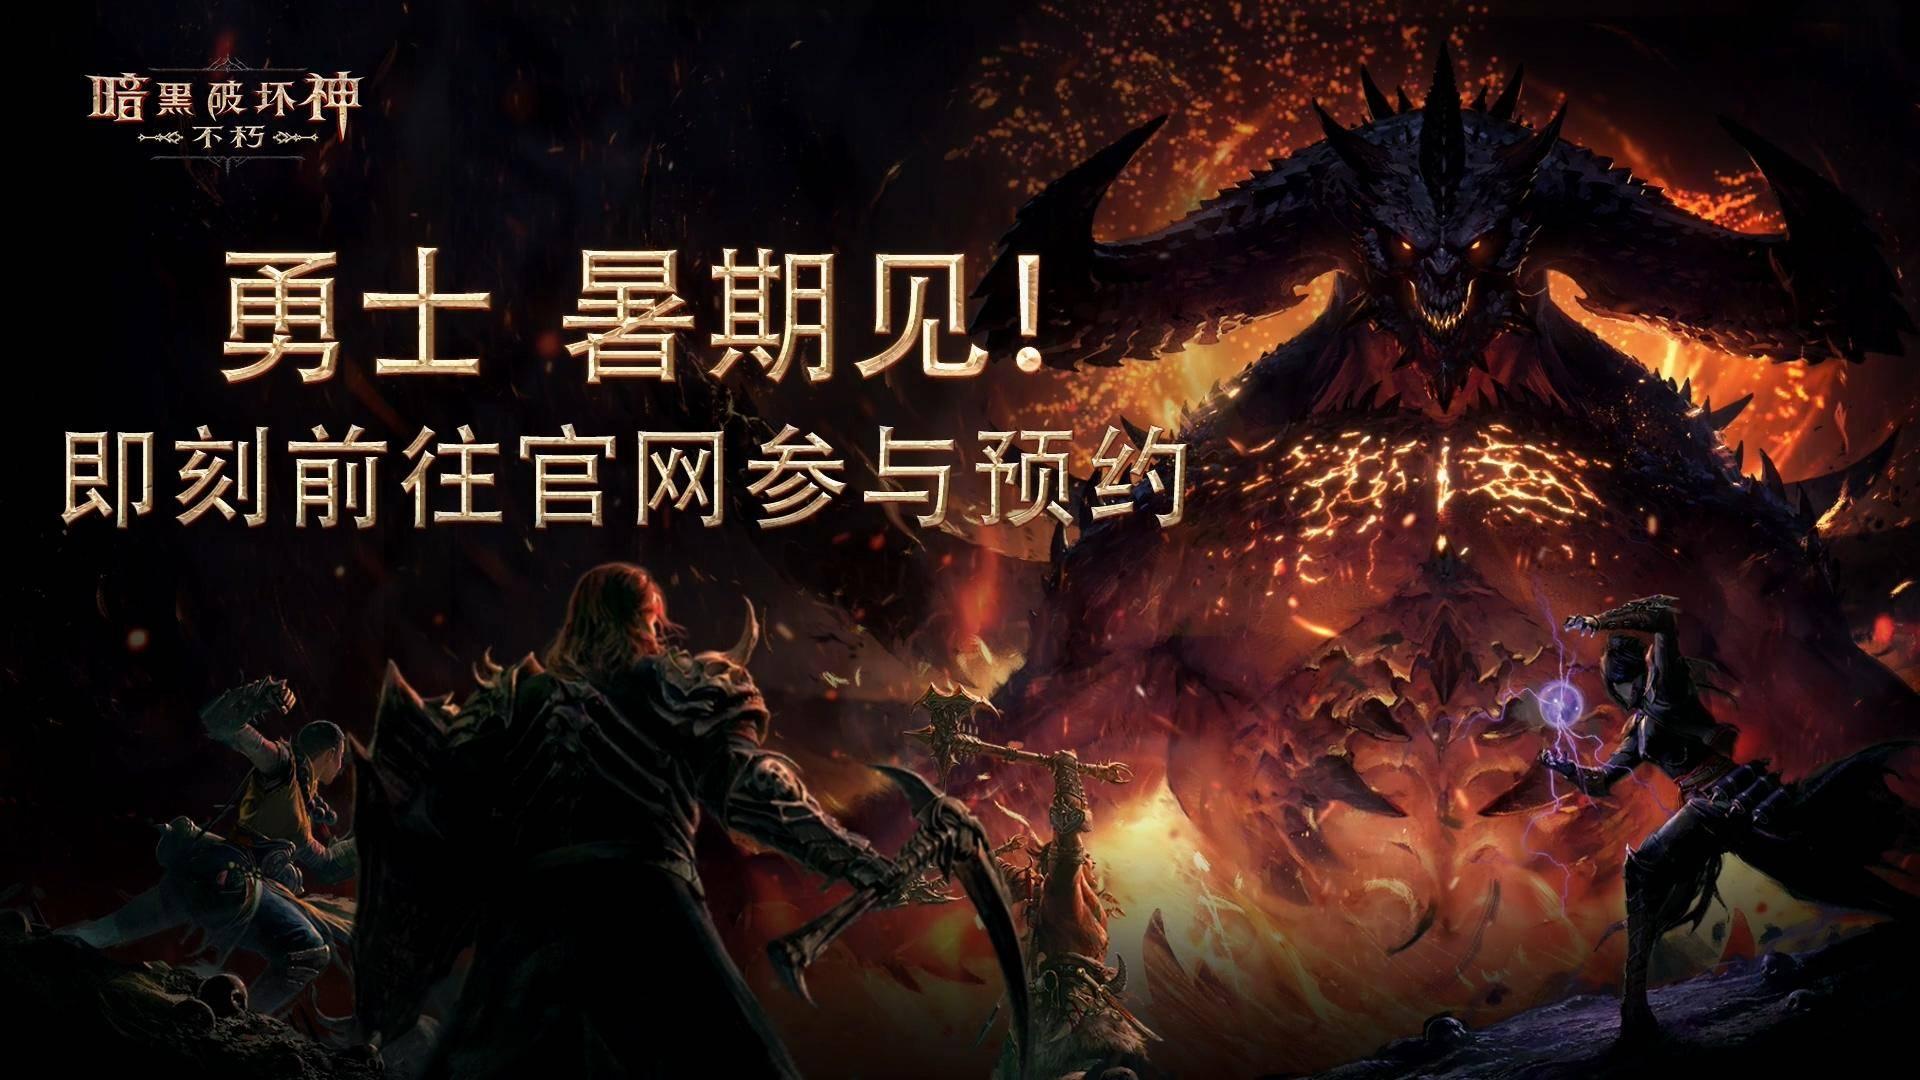 游戏手游排行榜_2021年新上线手游排行榜最新公测游戏介绍